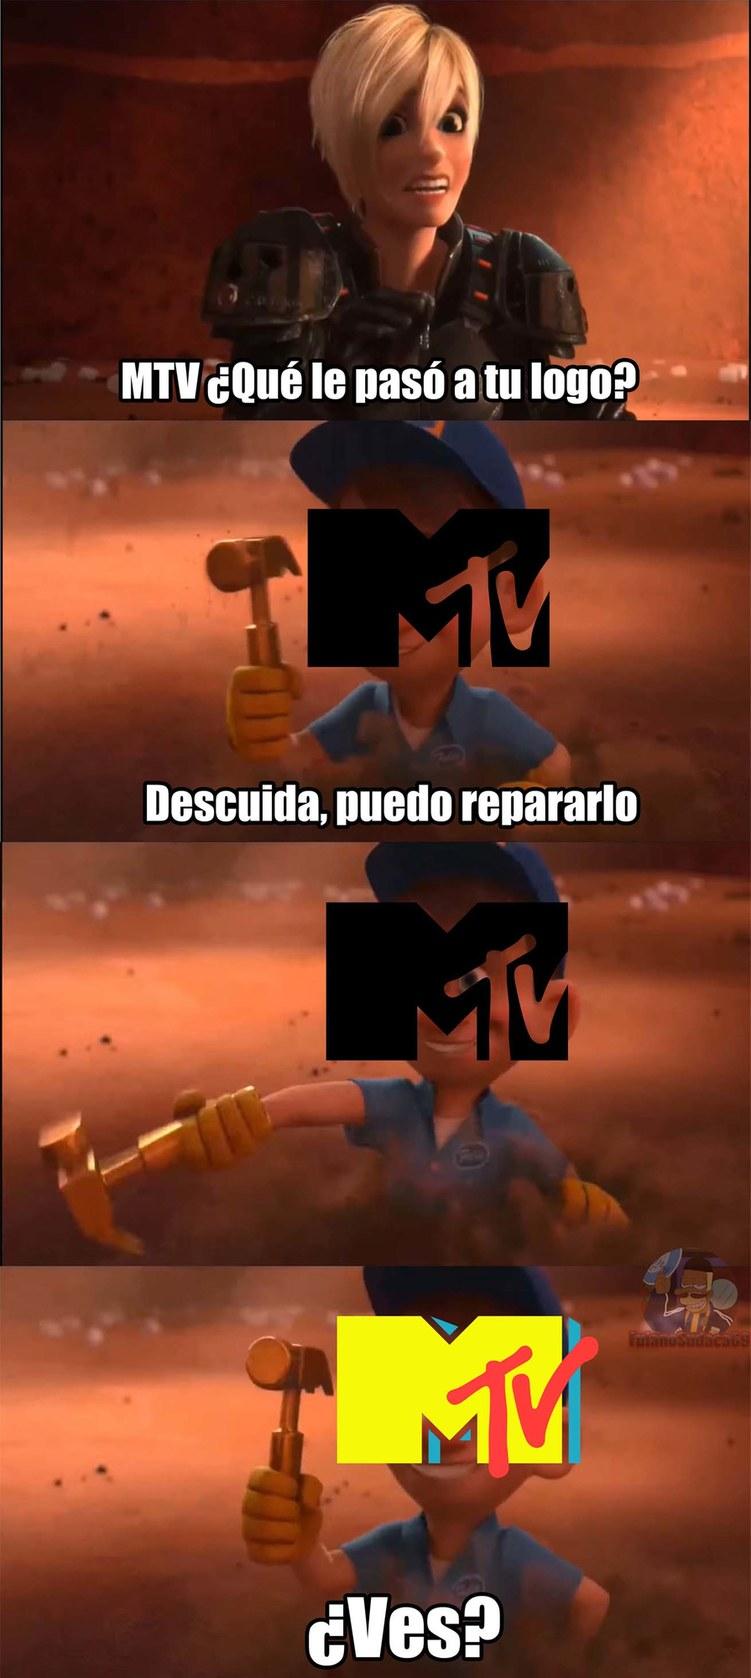 Menos mal que los de MTV se dieron cuenta al toque y cambiaron ese feo logo por uno mucho mejor (más companias deberían seguir su ejemplo) - meme